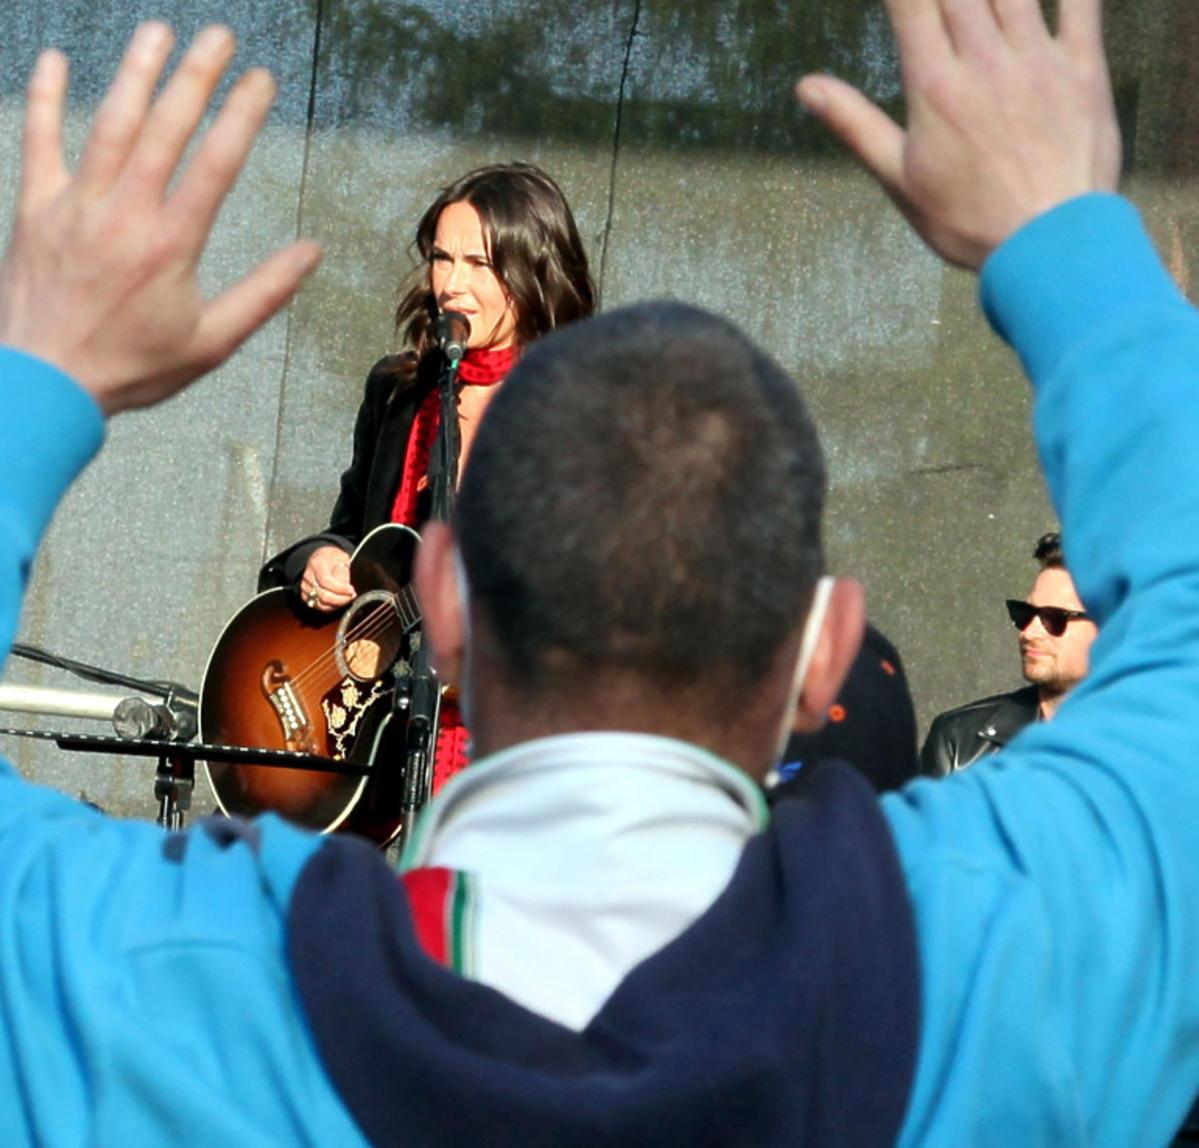 Kasia Kowalska zagrała koncert w Ciechnowie. Tłum ludzi pod sceną